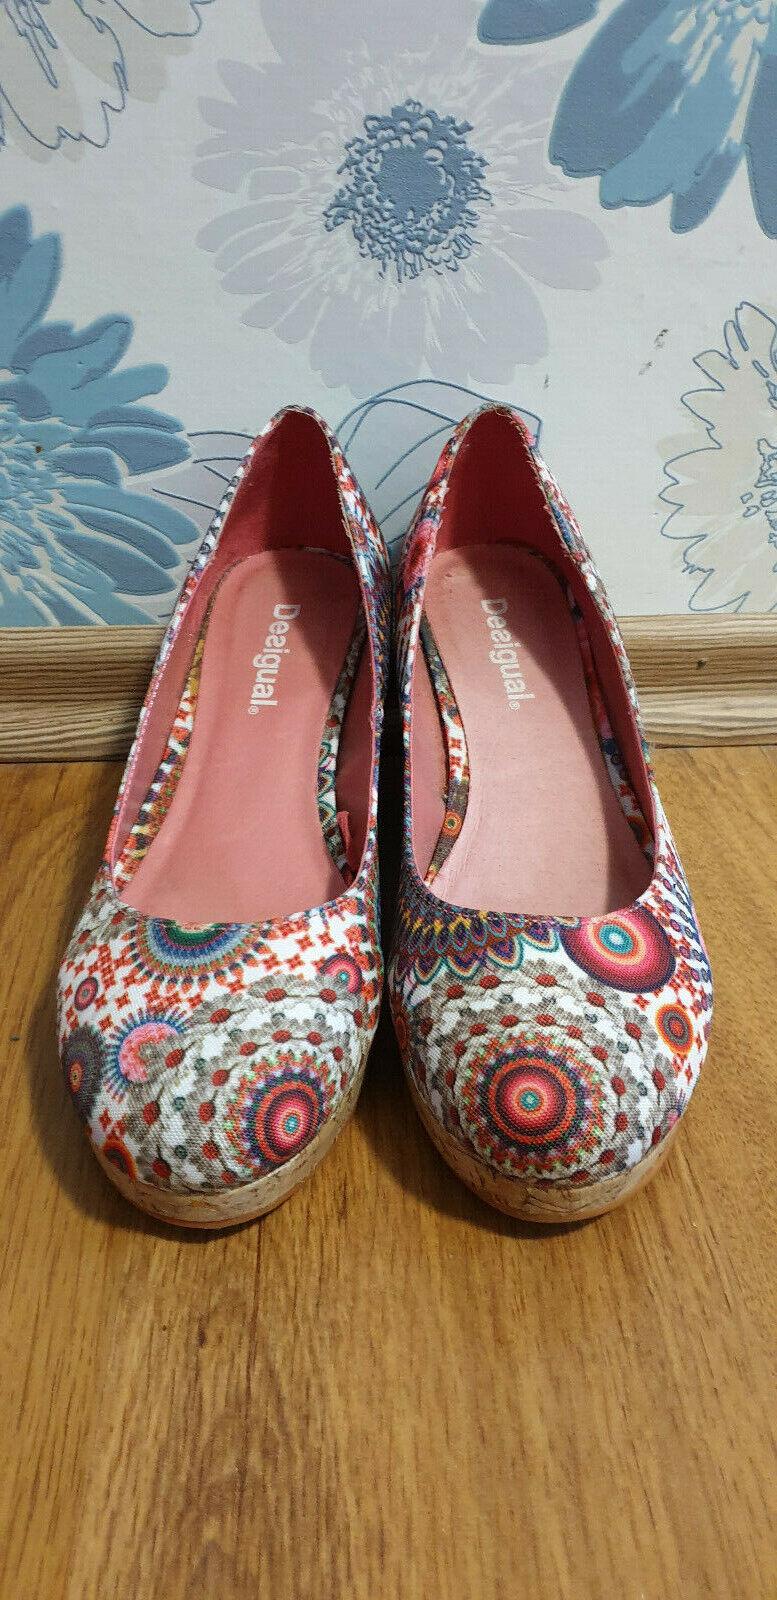 Sehr schöne Damen Schuhe Desigual , Gr 36 , Top Angebot